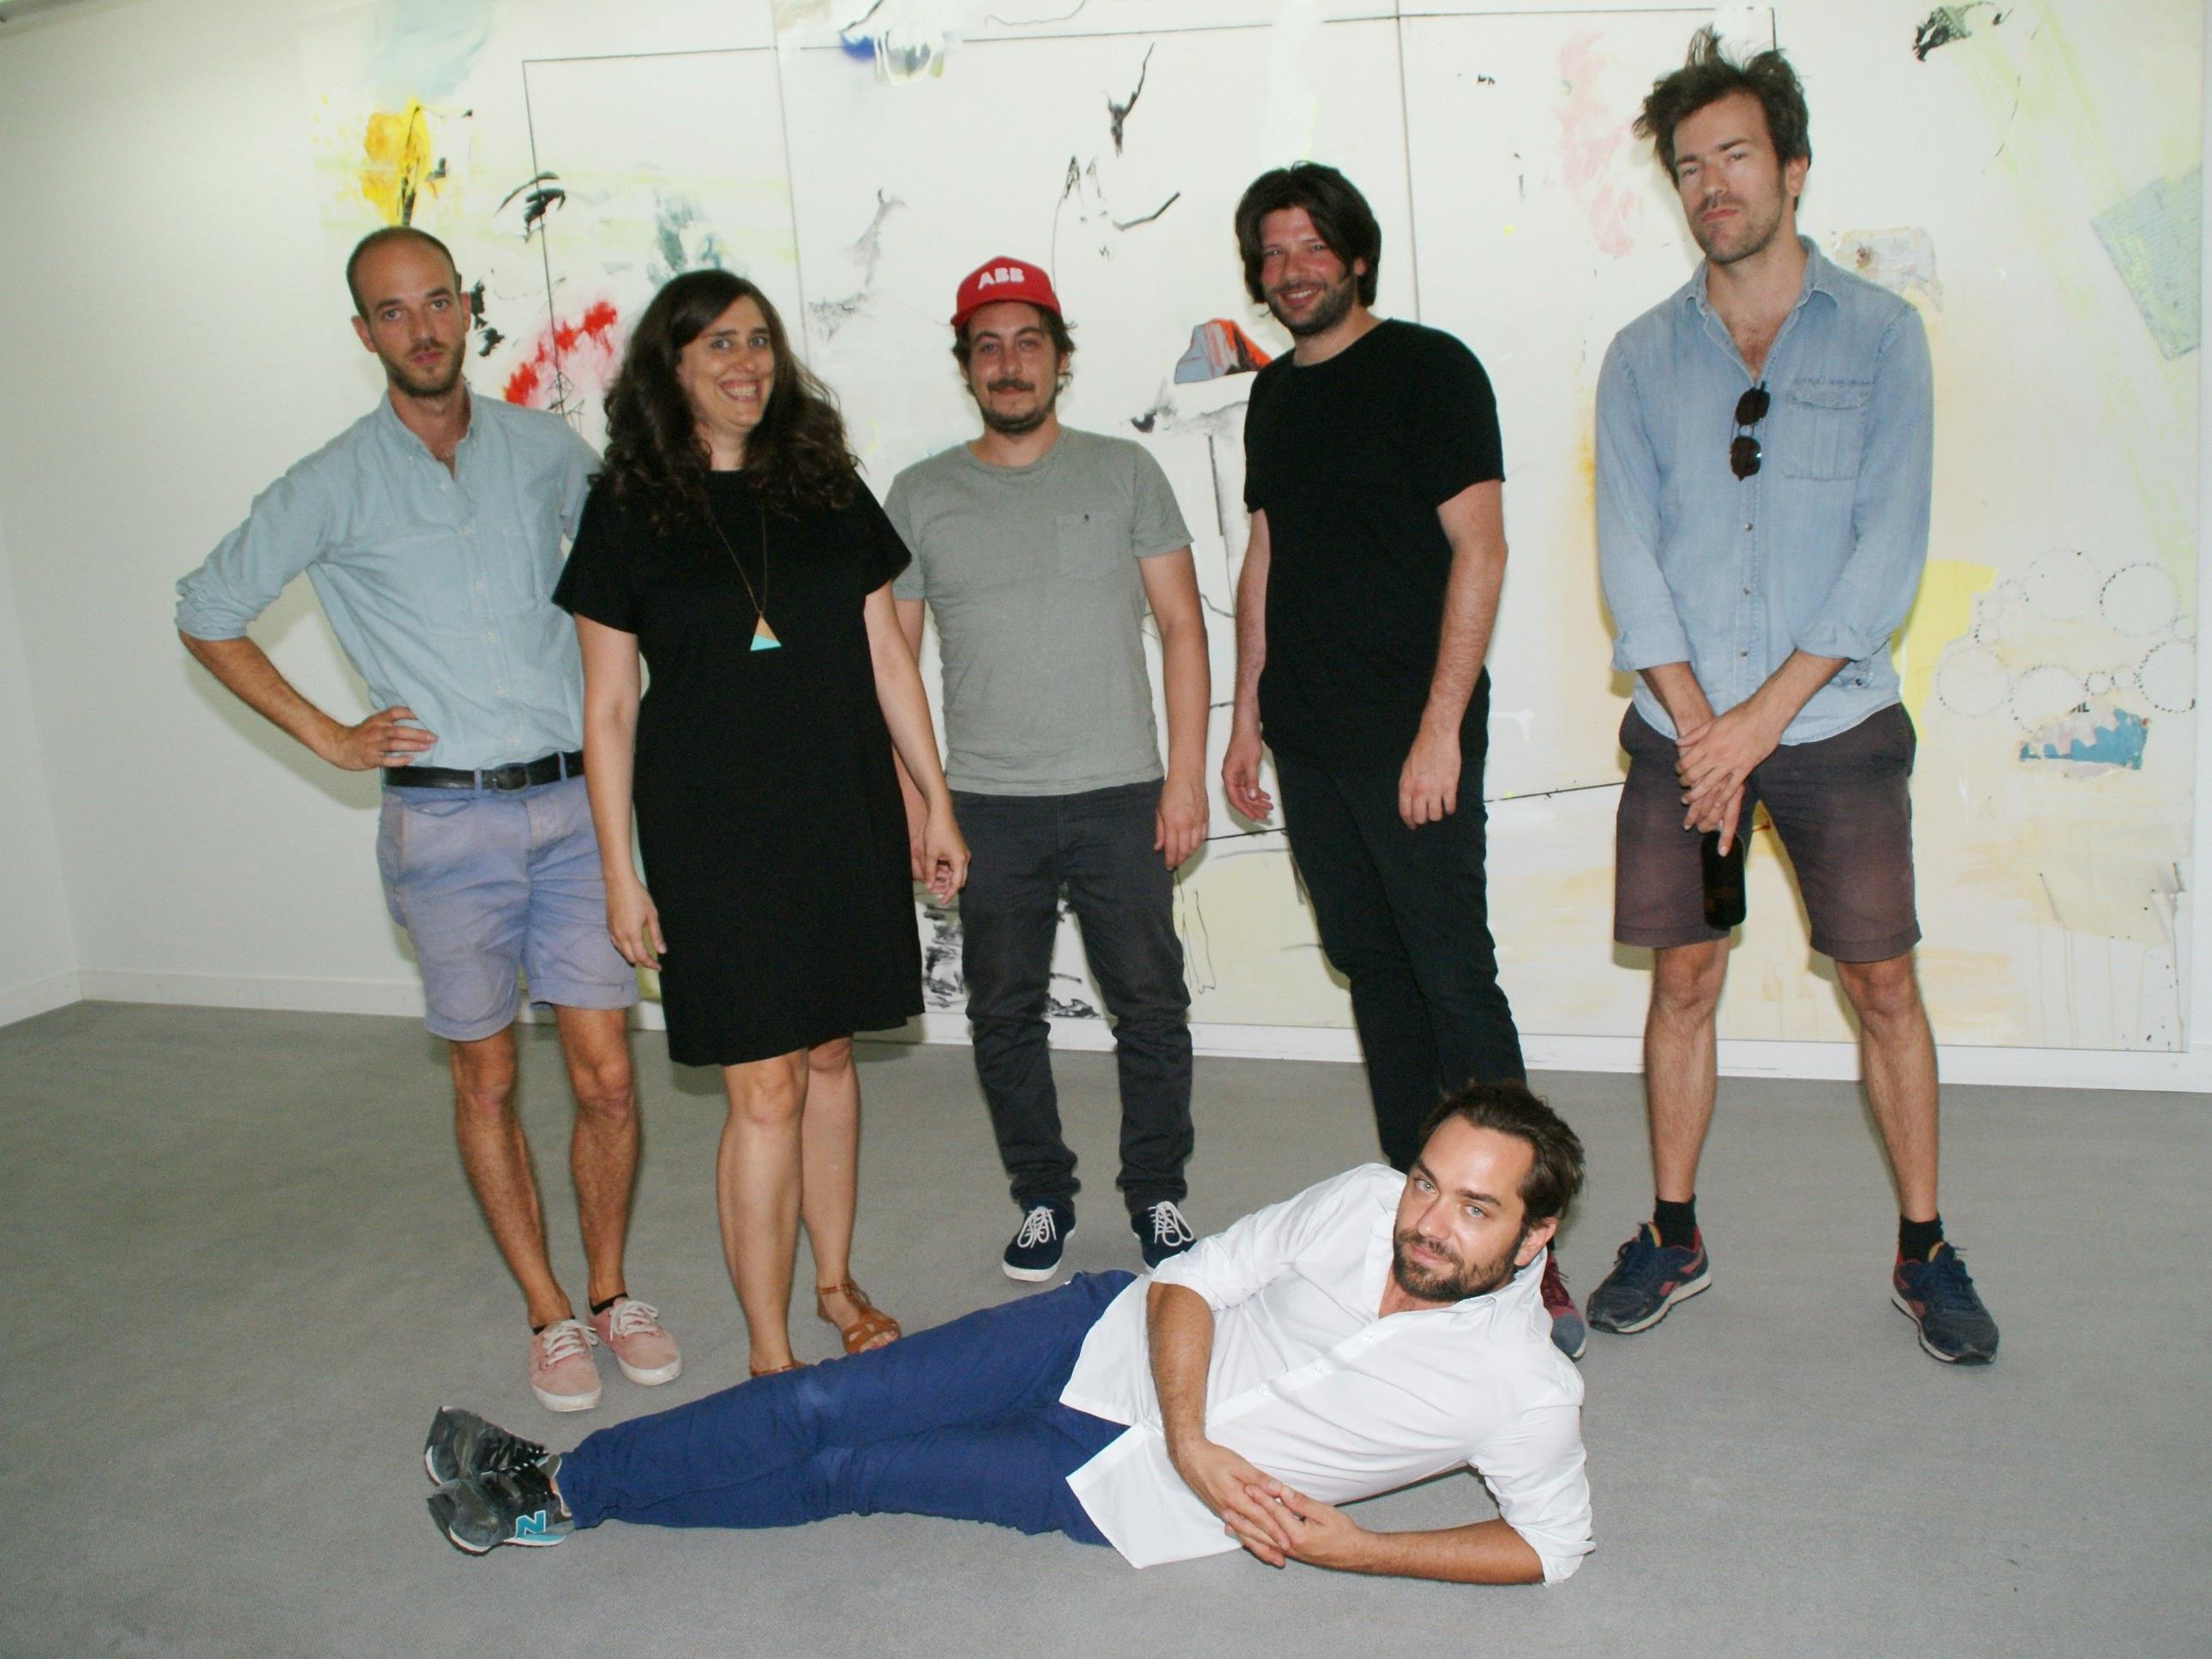 Baer entdeckelte die Galerie Hollenstein